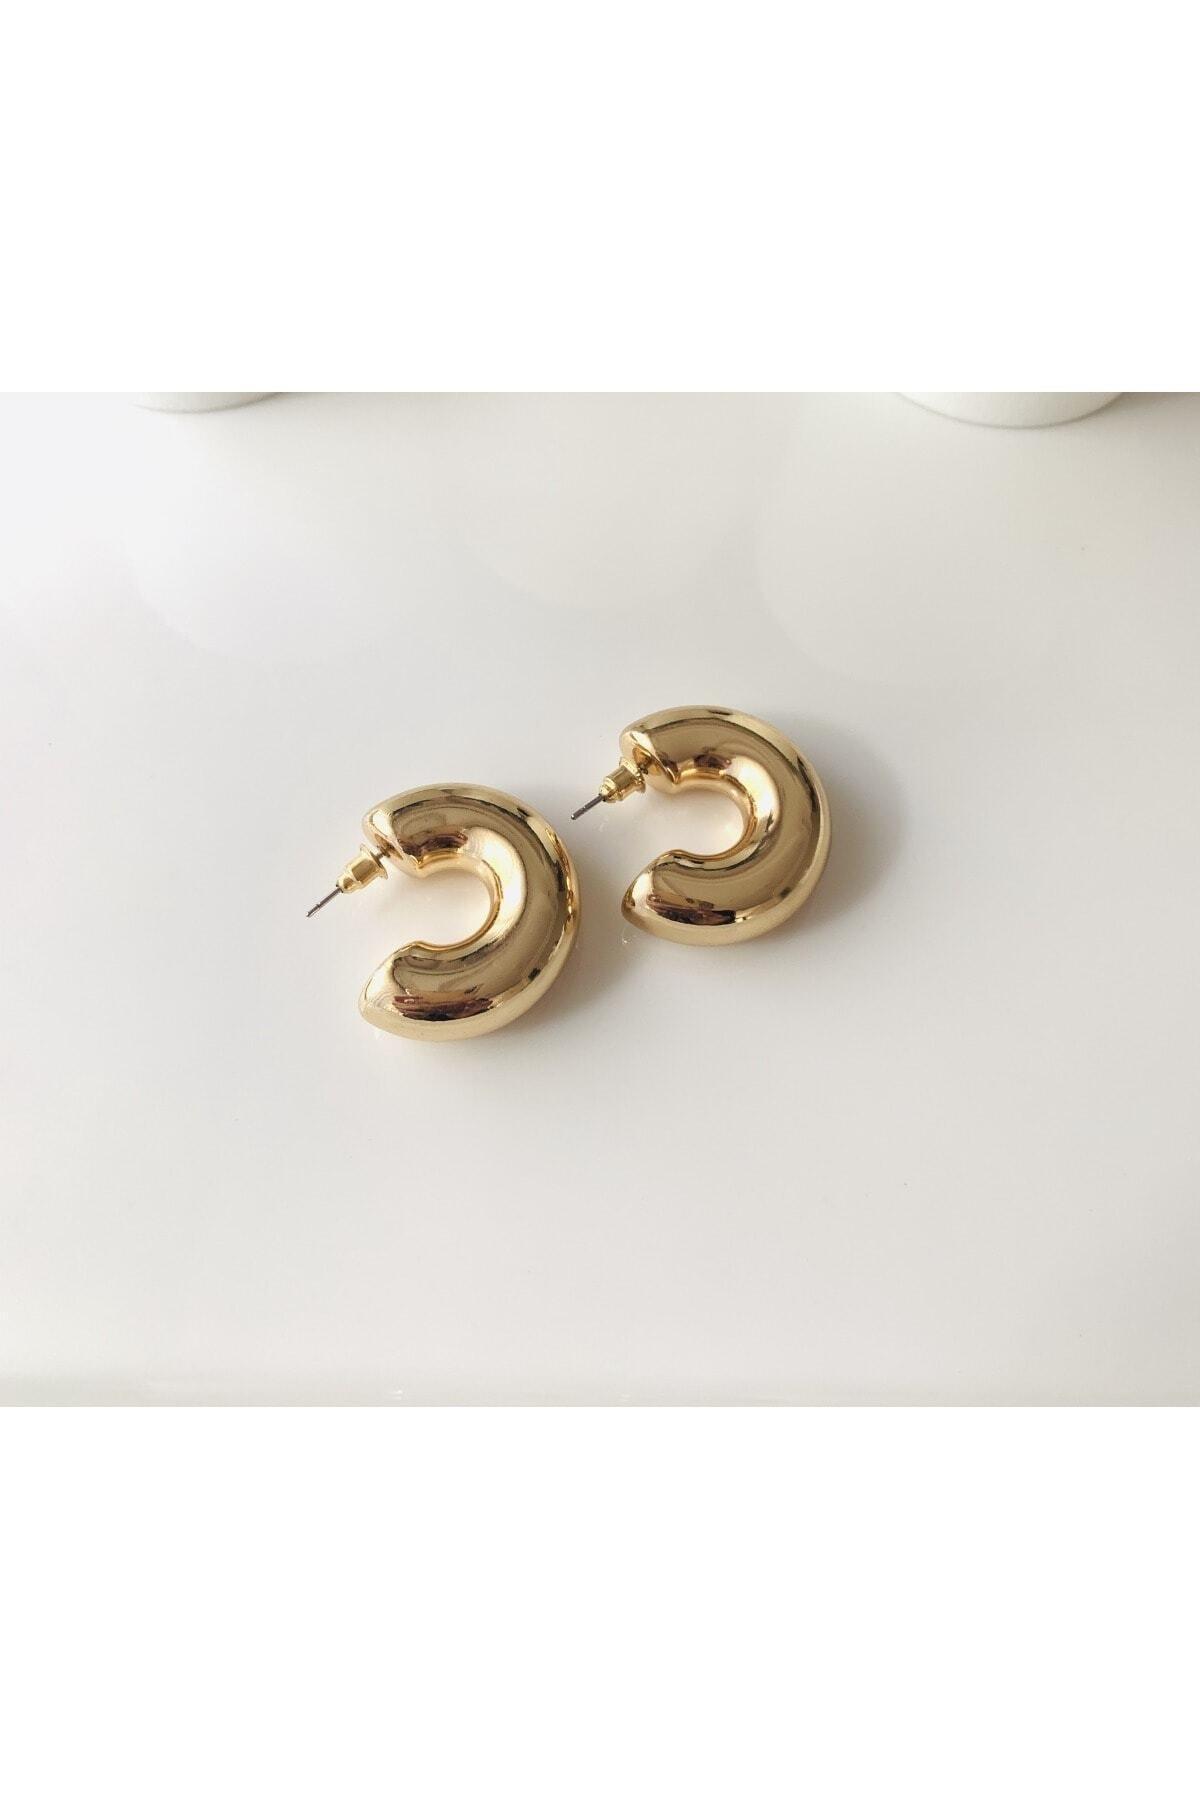 LİLY TAKI VE AKSESUAR ÜRÜNLERİ Yarım Halka Model Gold Renk Bayan Çelik Küpe 1